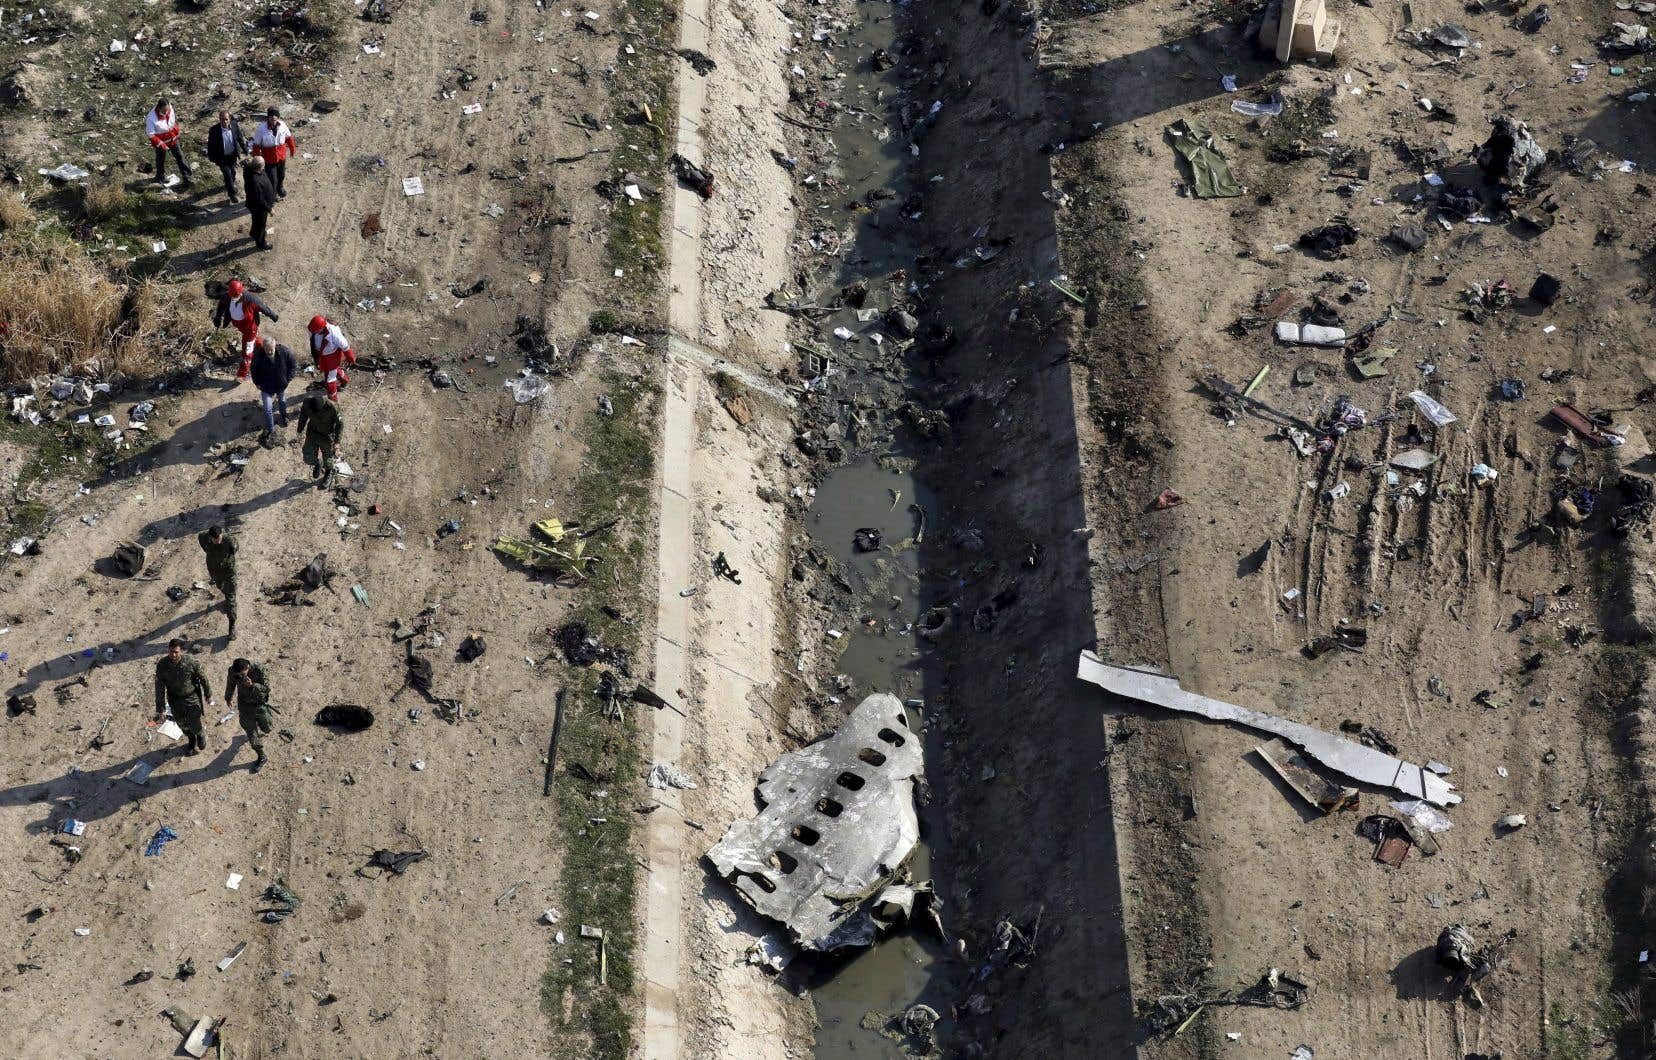 L'écrasement d'avion survenu le 8janvier a fait 176 victimes, dont 57 étaient des citoyennes canadiennes et 29 des résidentes permanentes.